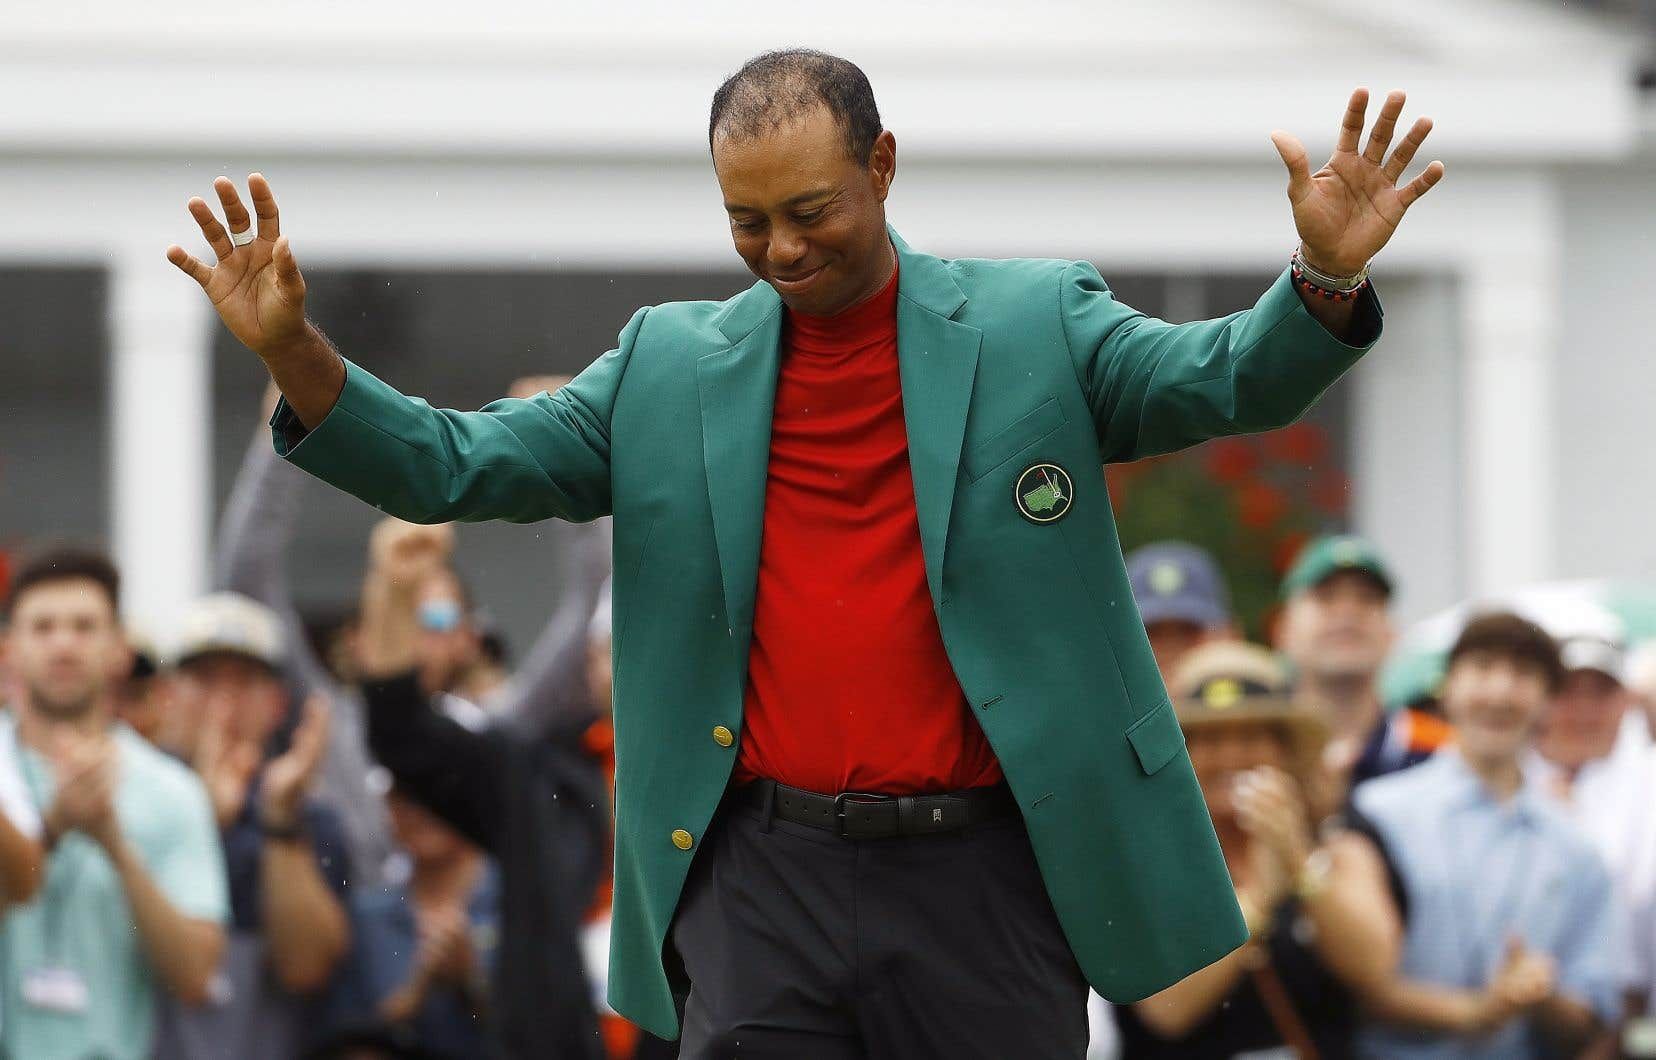 Tiger Woods et son veston vert, un habit qu'il n'avait plus porté depuis plus d'une décennie